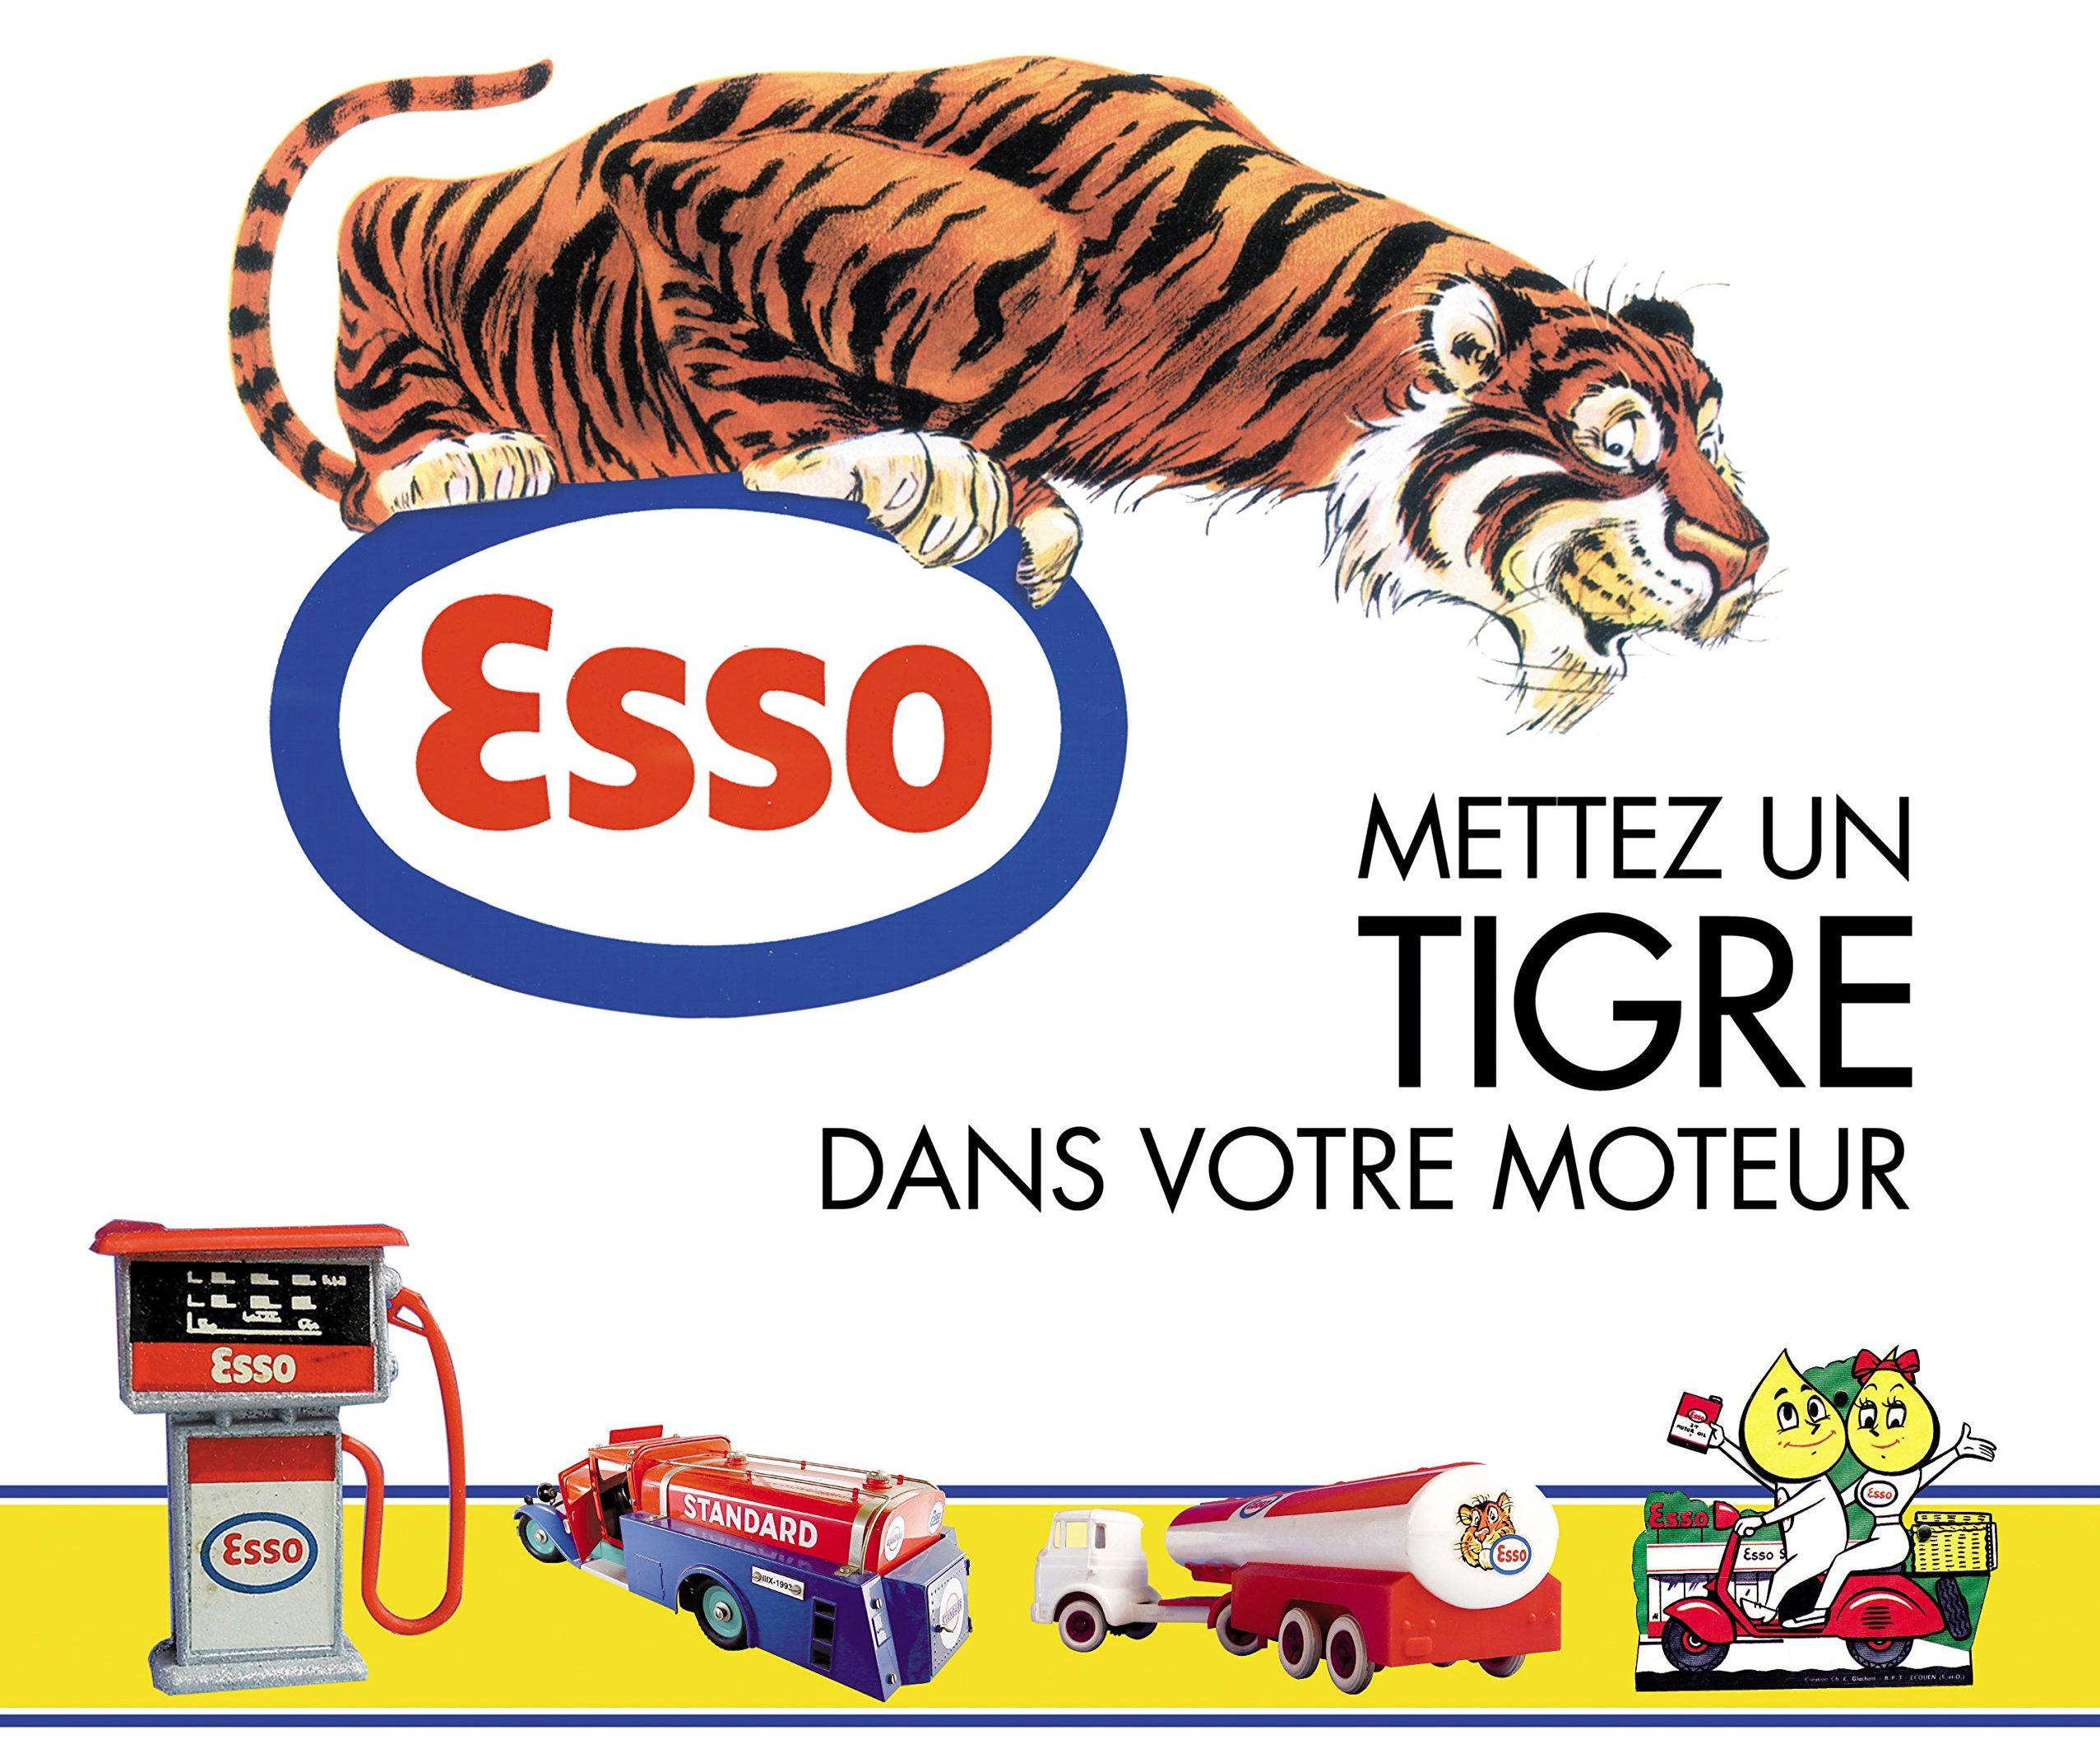 """Publicité """"Mettez un tigre dans votre moteur"""""""